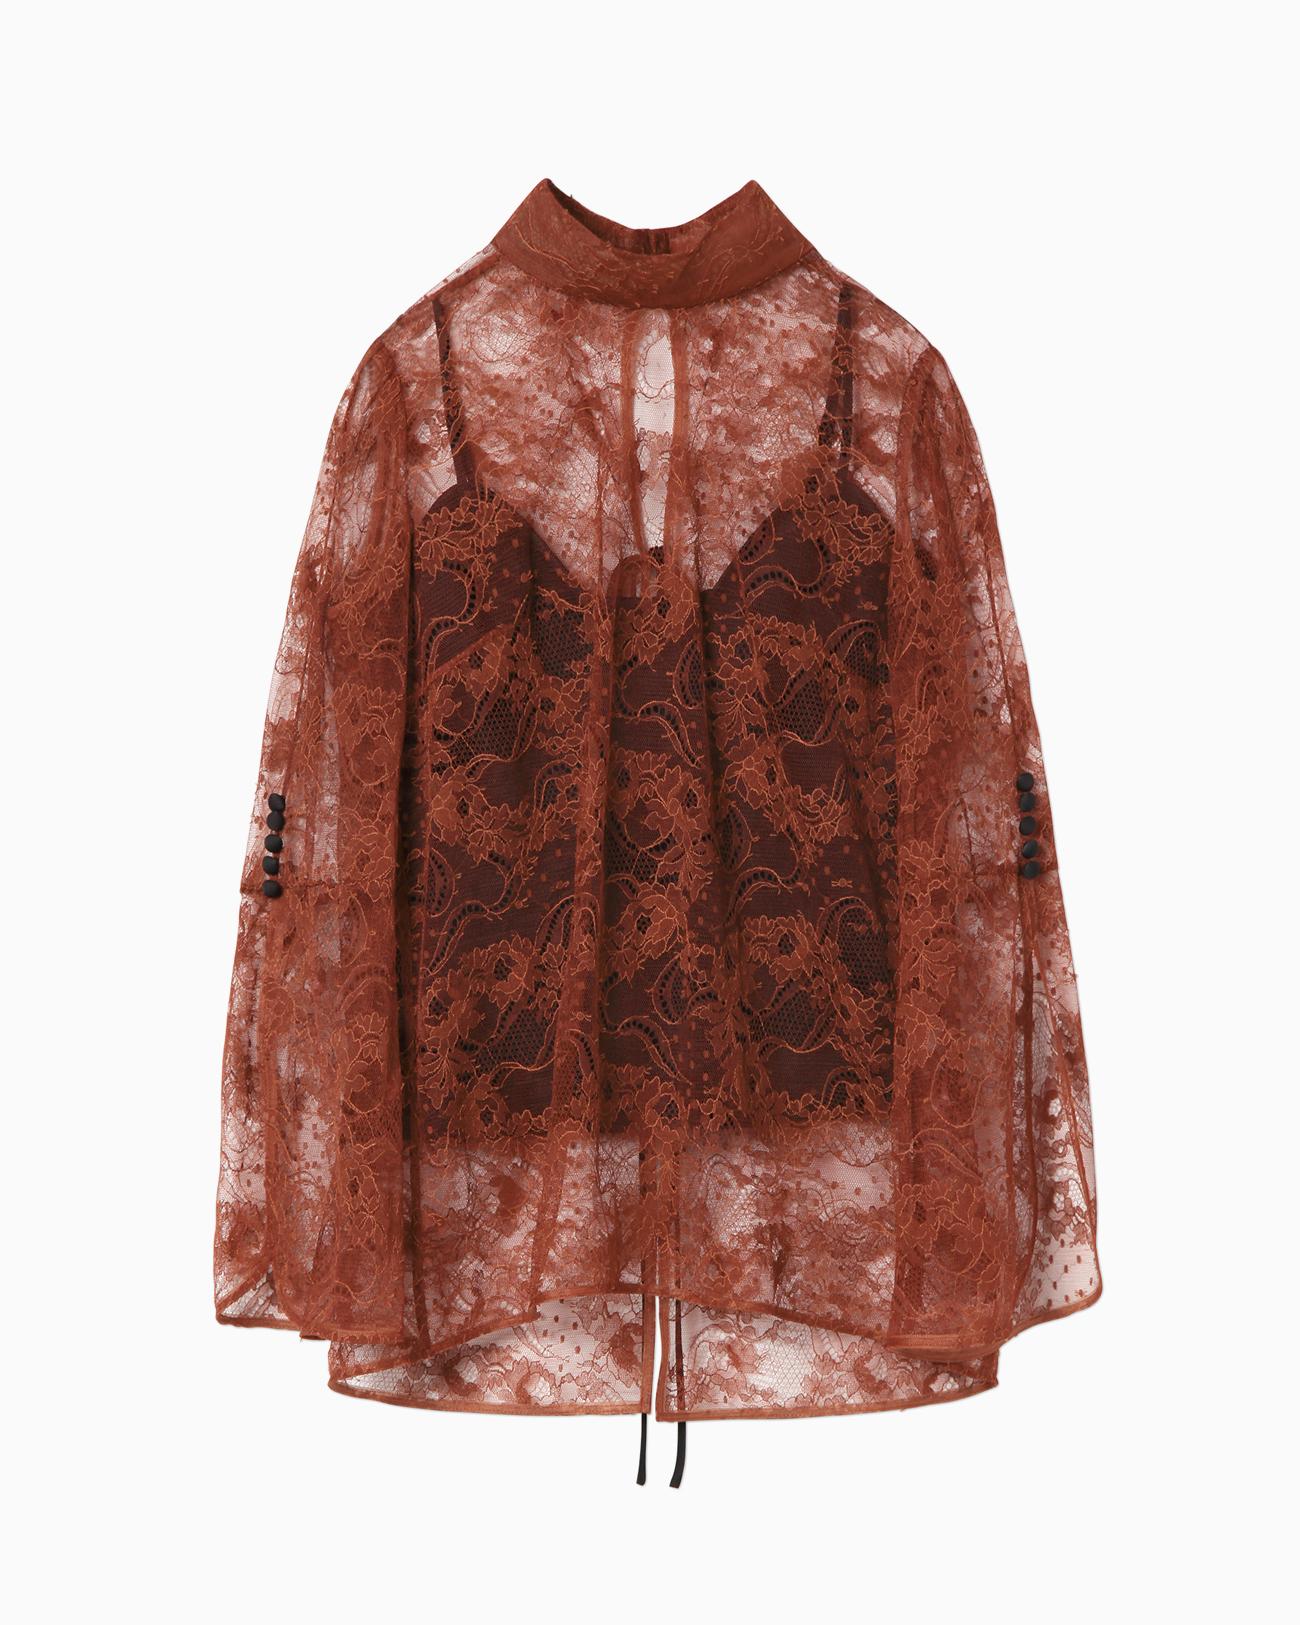 芸能人がさんまのまんま 秋のさんまもゲストも脂がノってますSPで着用した衣装シューズ、ブラウス